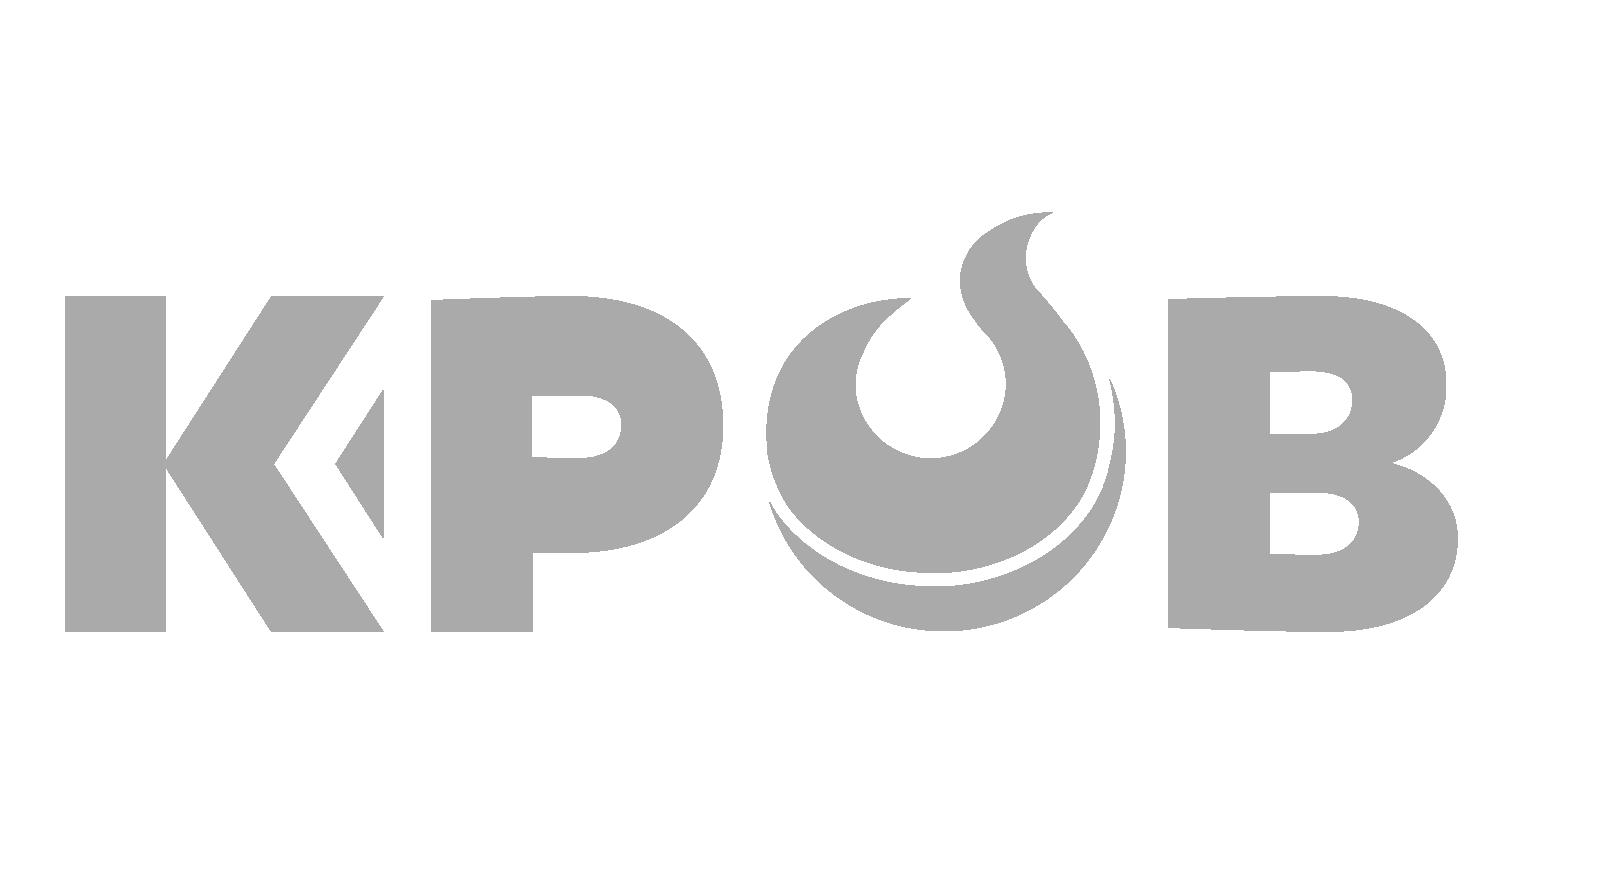 logo_bot13.png